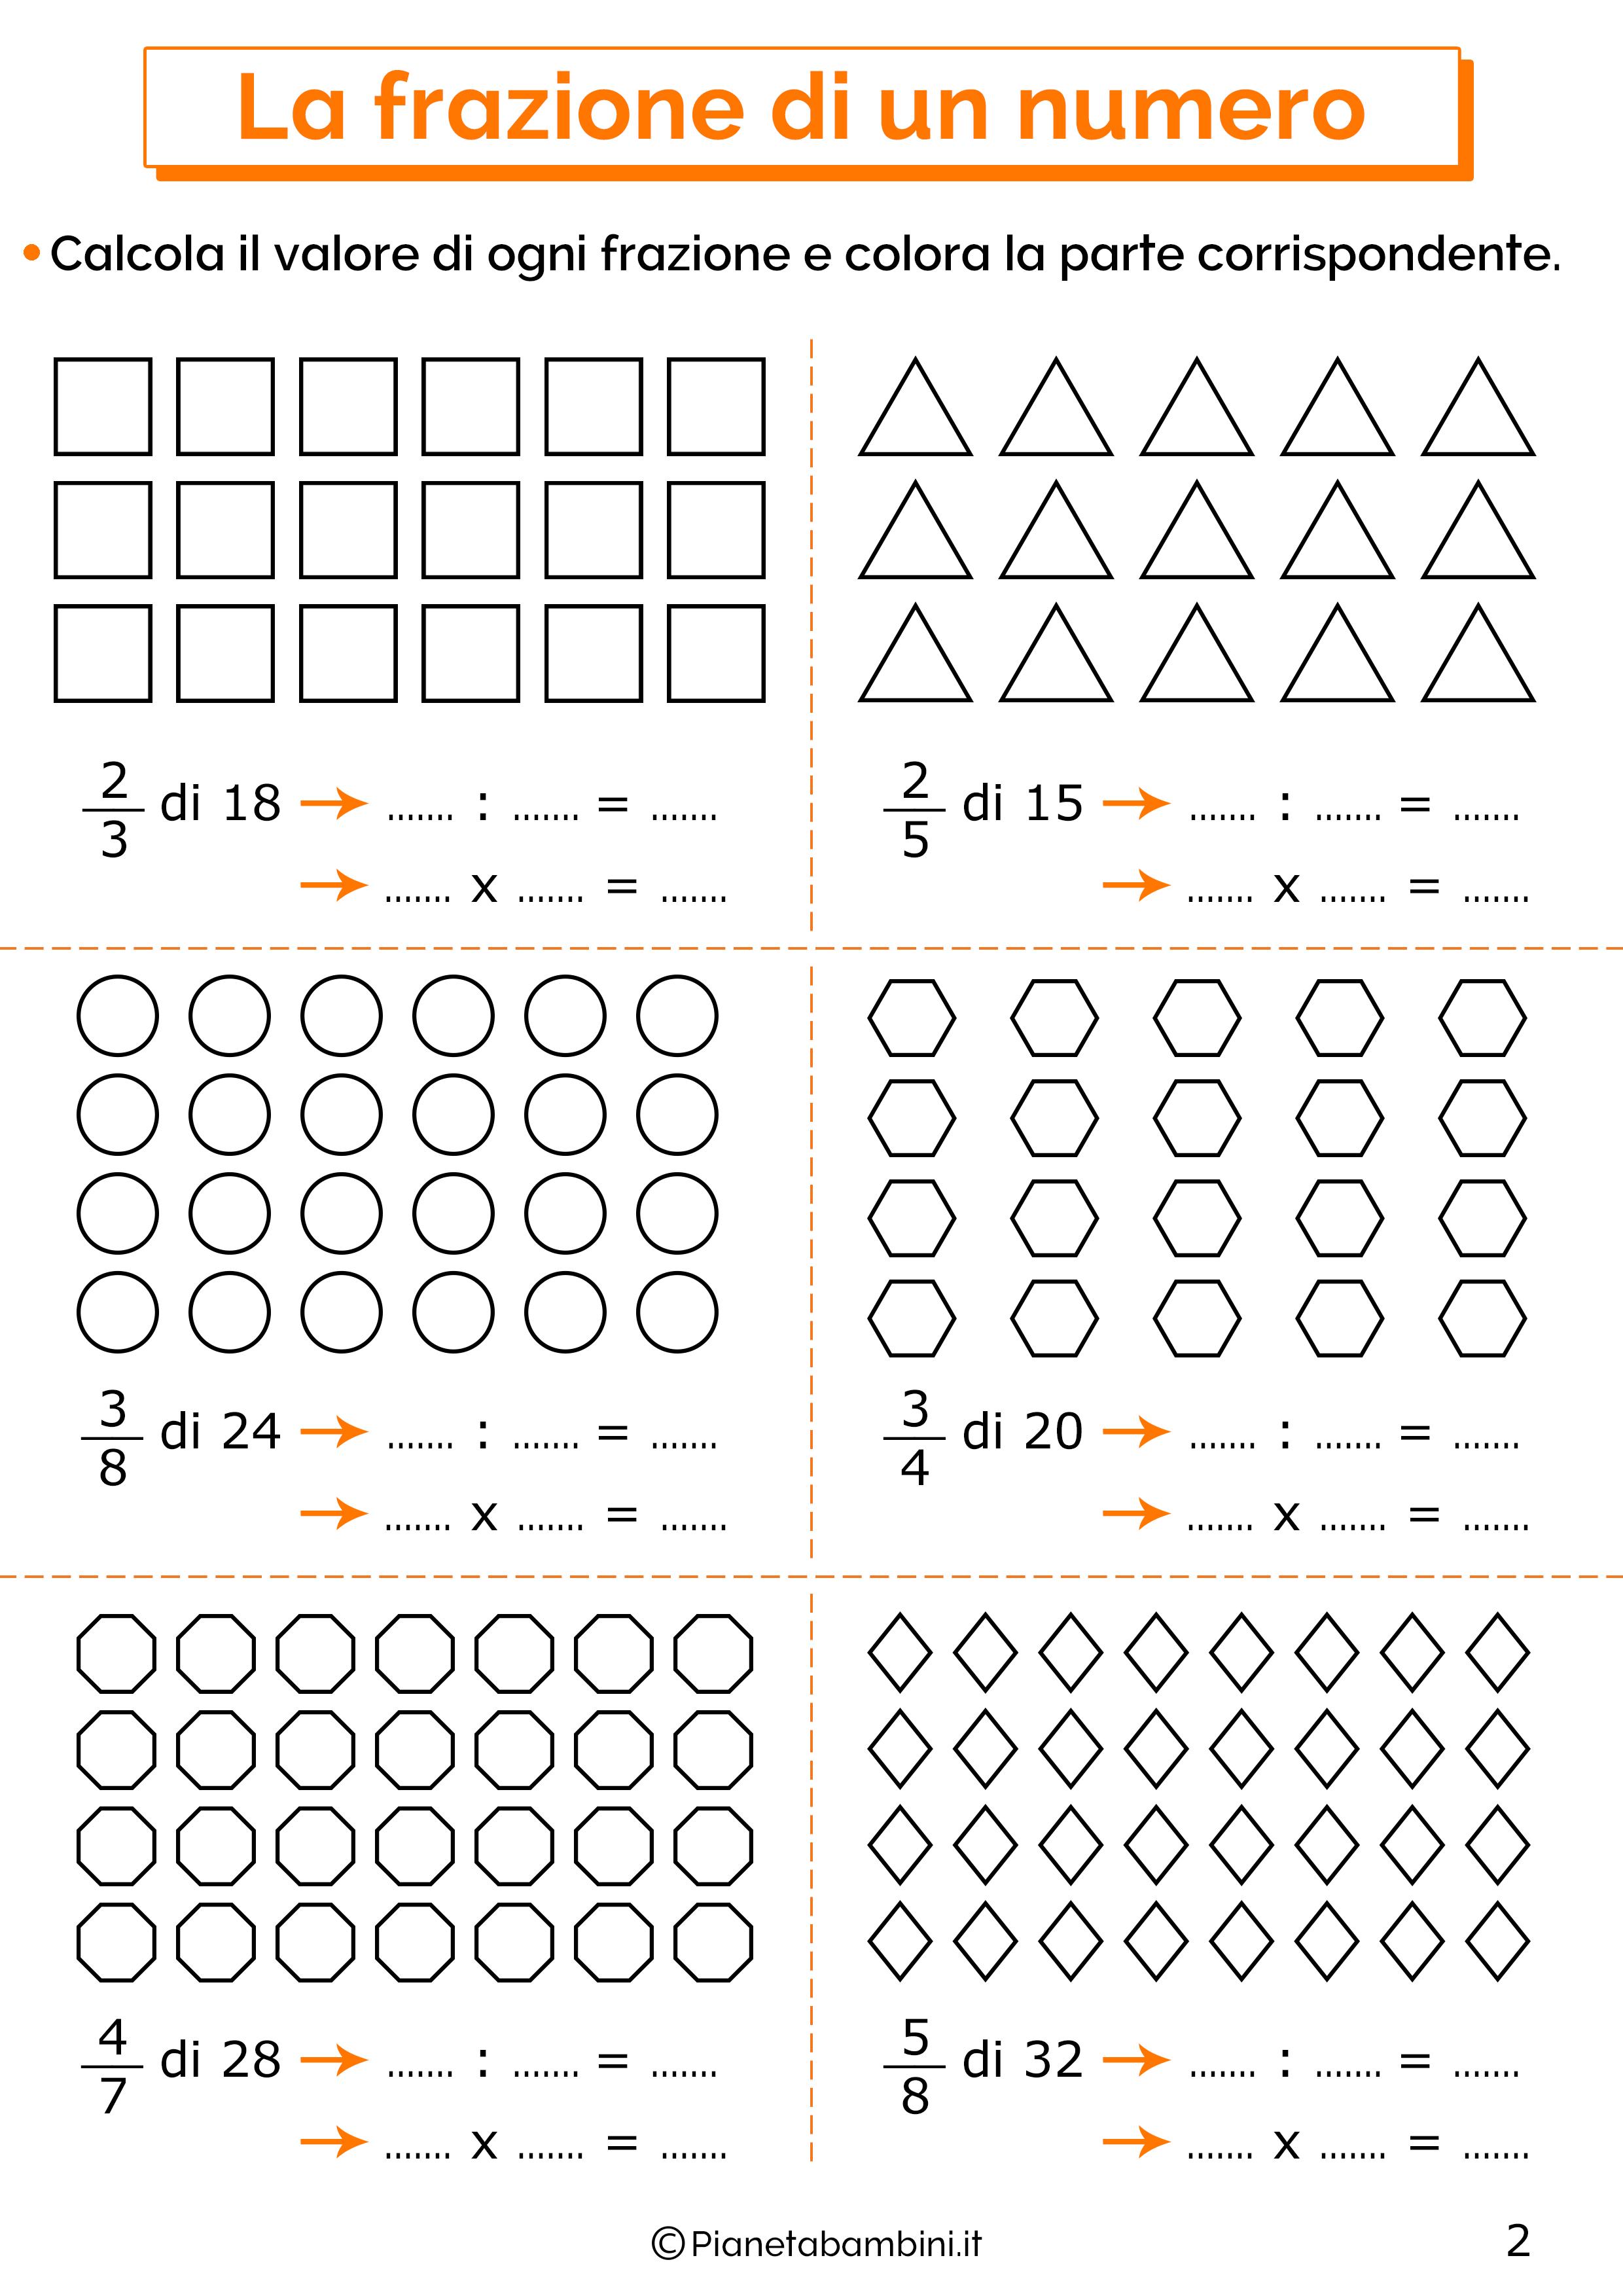 Esercizi sulla frazione di un numero 2